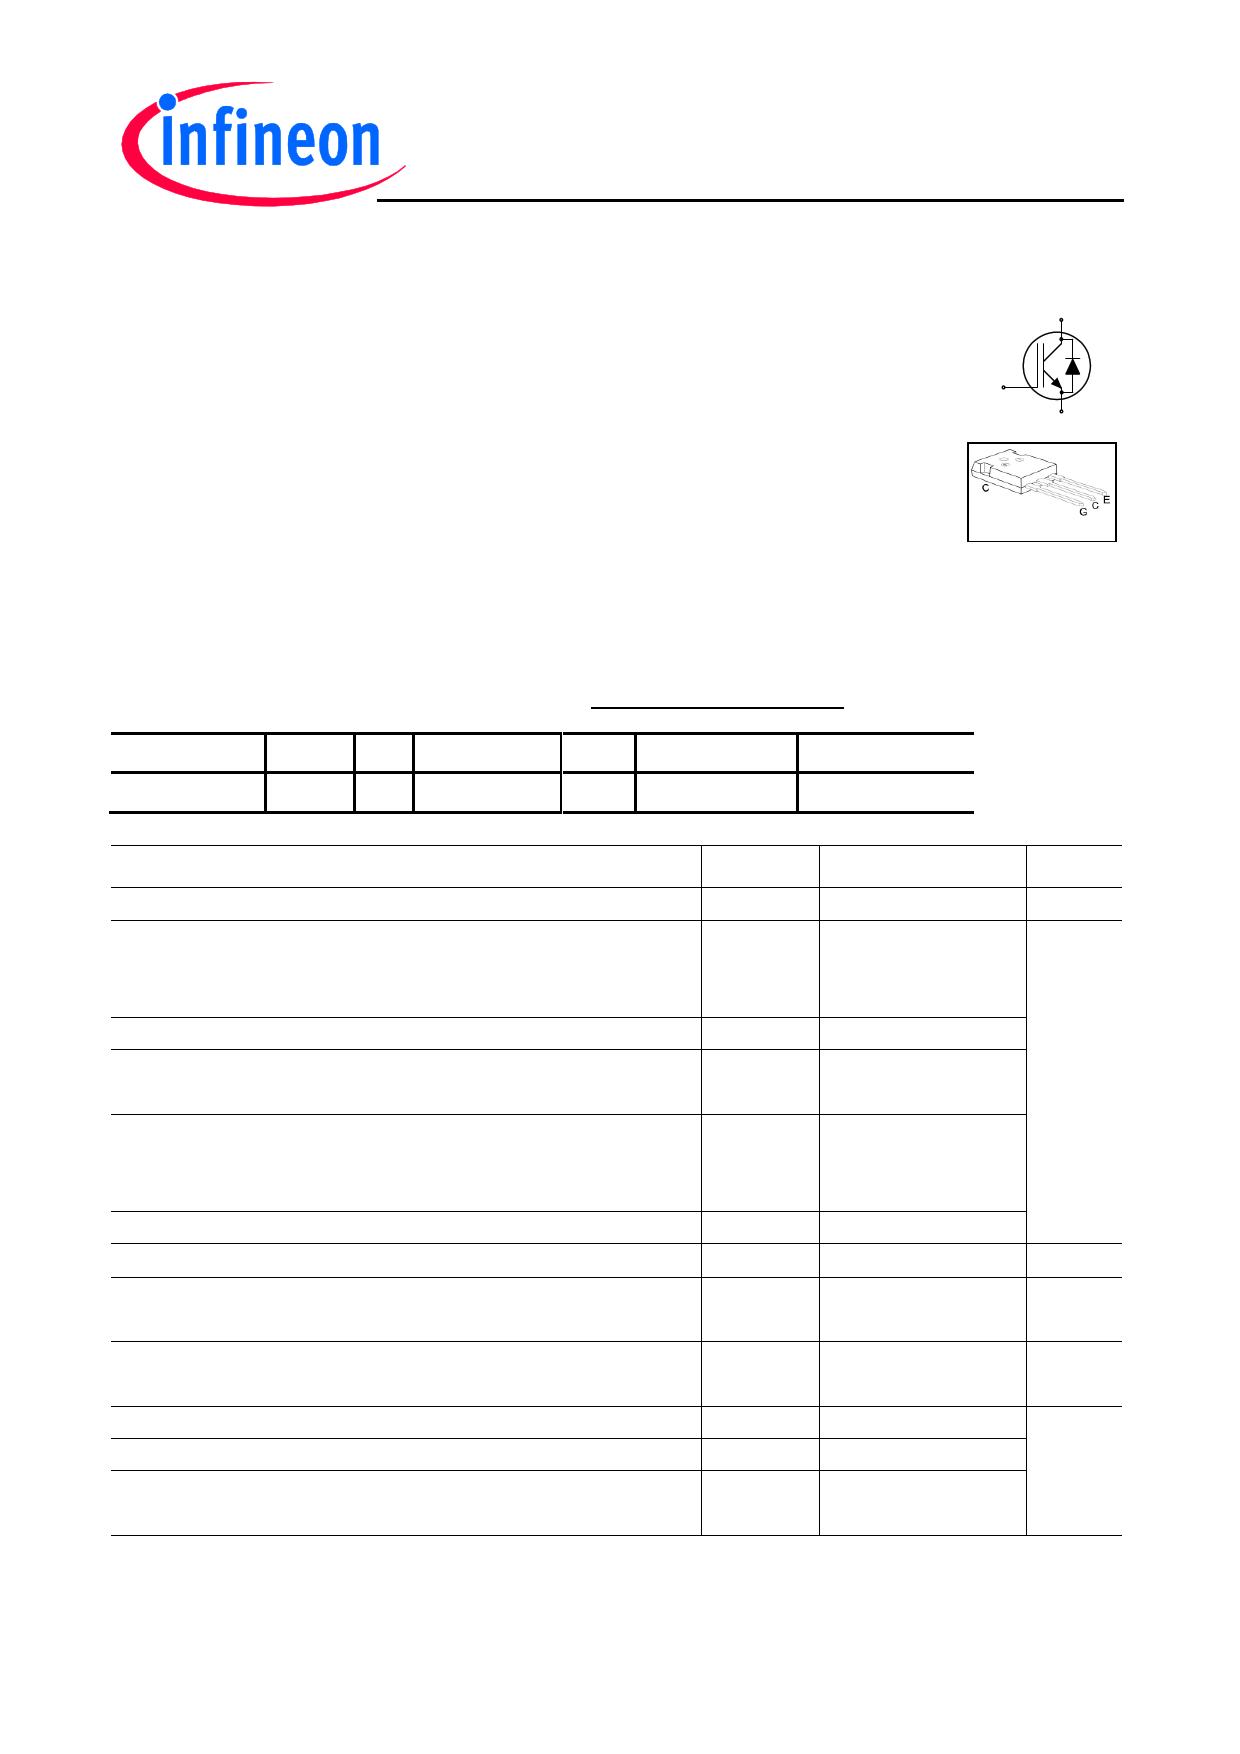 K40T1202 datasheet image